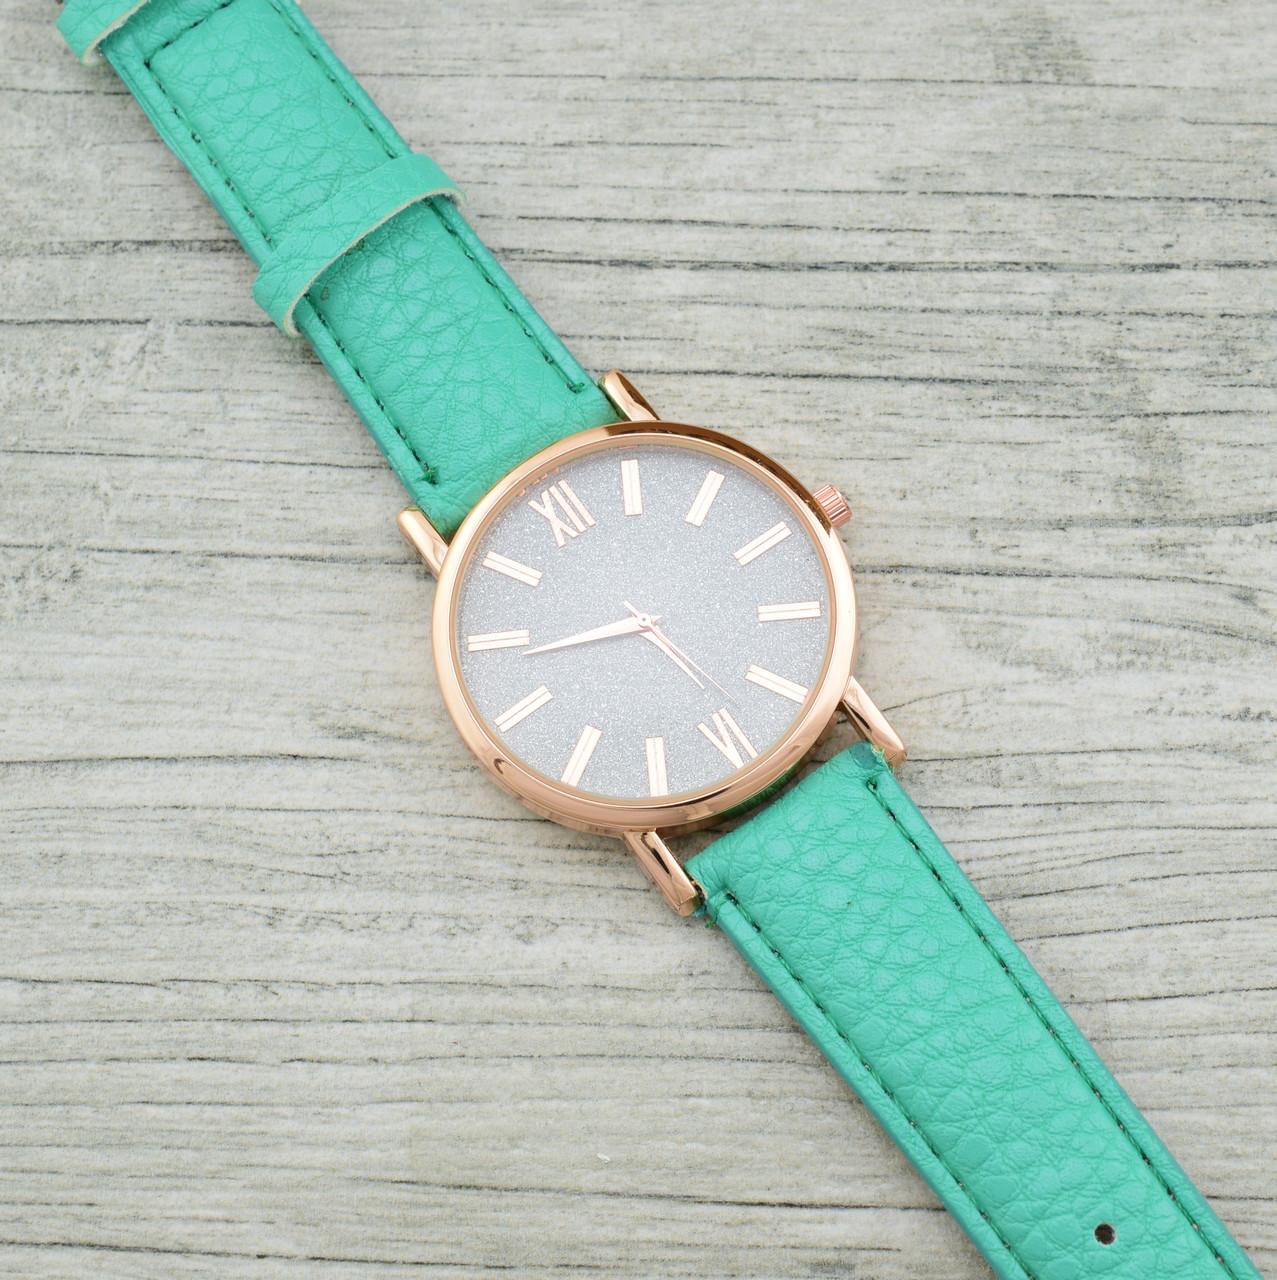 Часы G-008 диаметр циферблата 3.8 см, длина ремешка 17-21 см, бирюзовый цвет, позолота РО